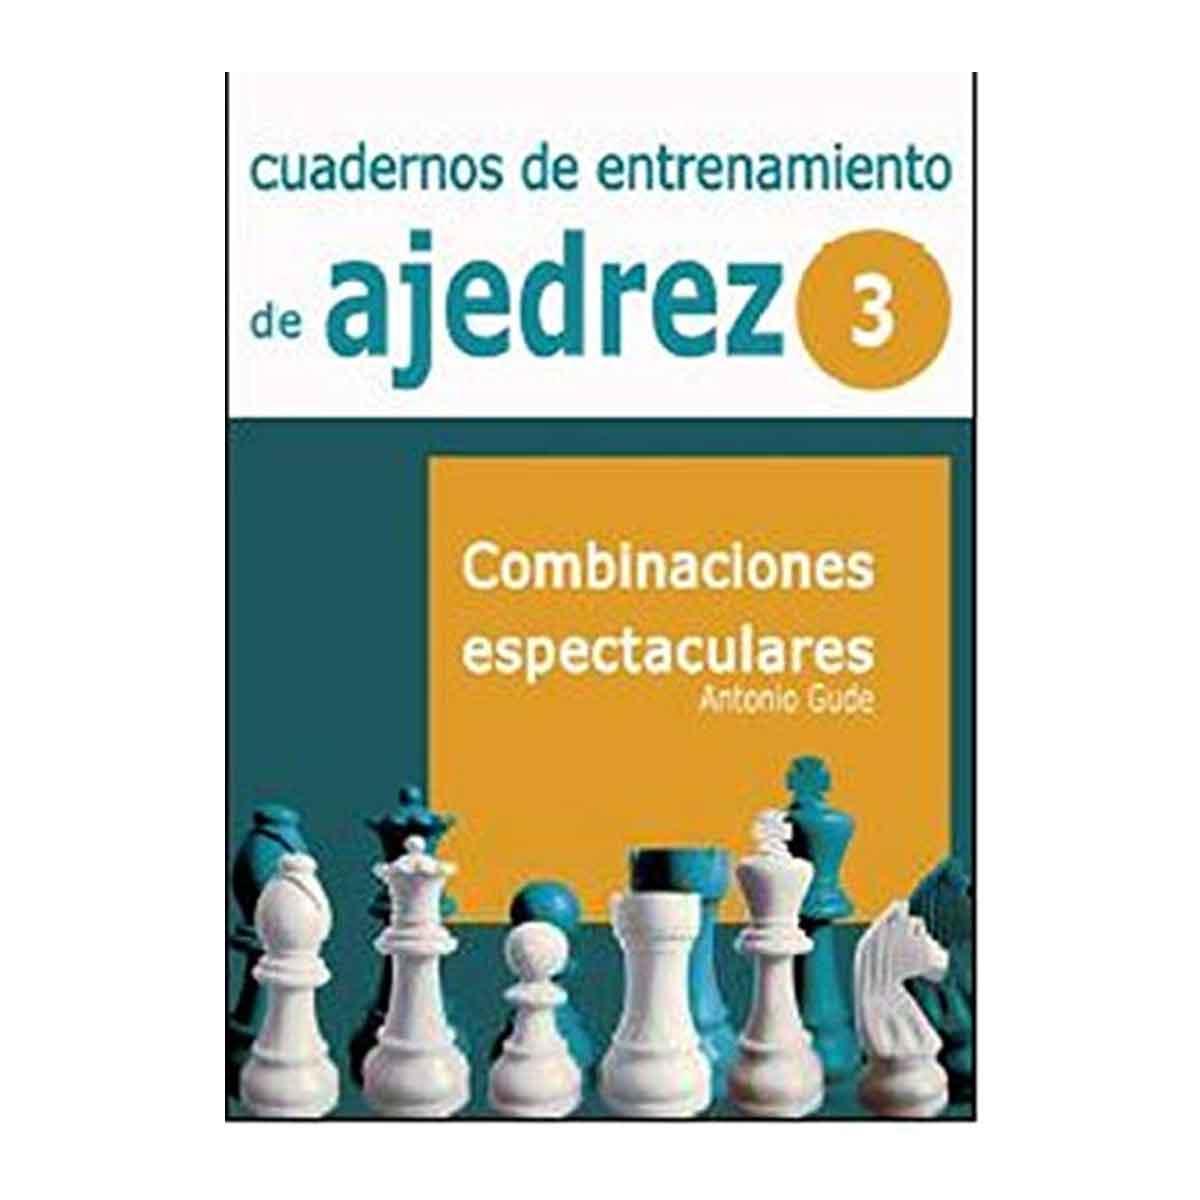 Cuadernos de entrenamiento en ajedrez: 3. Combinaciones espectaculares